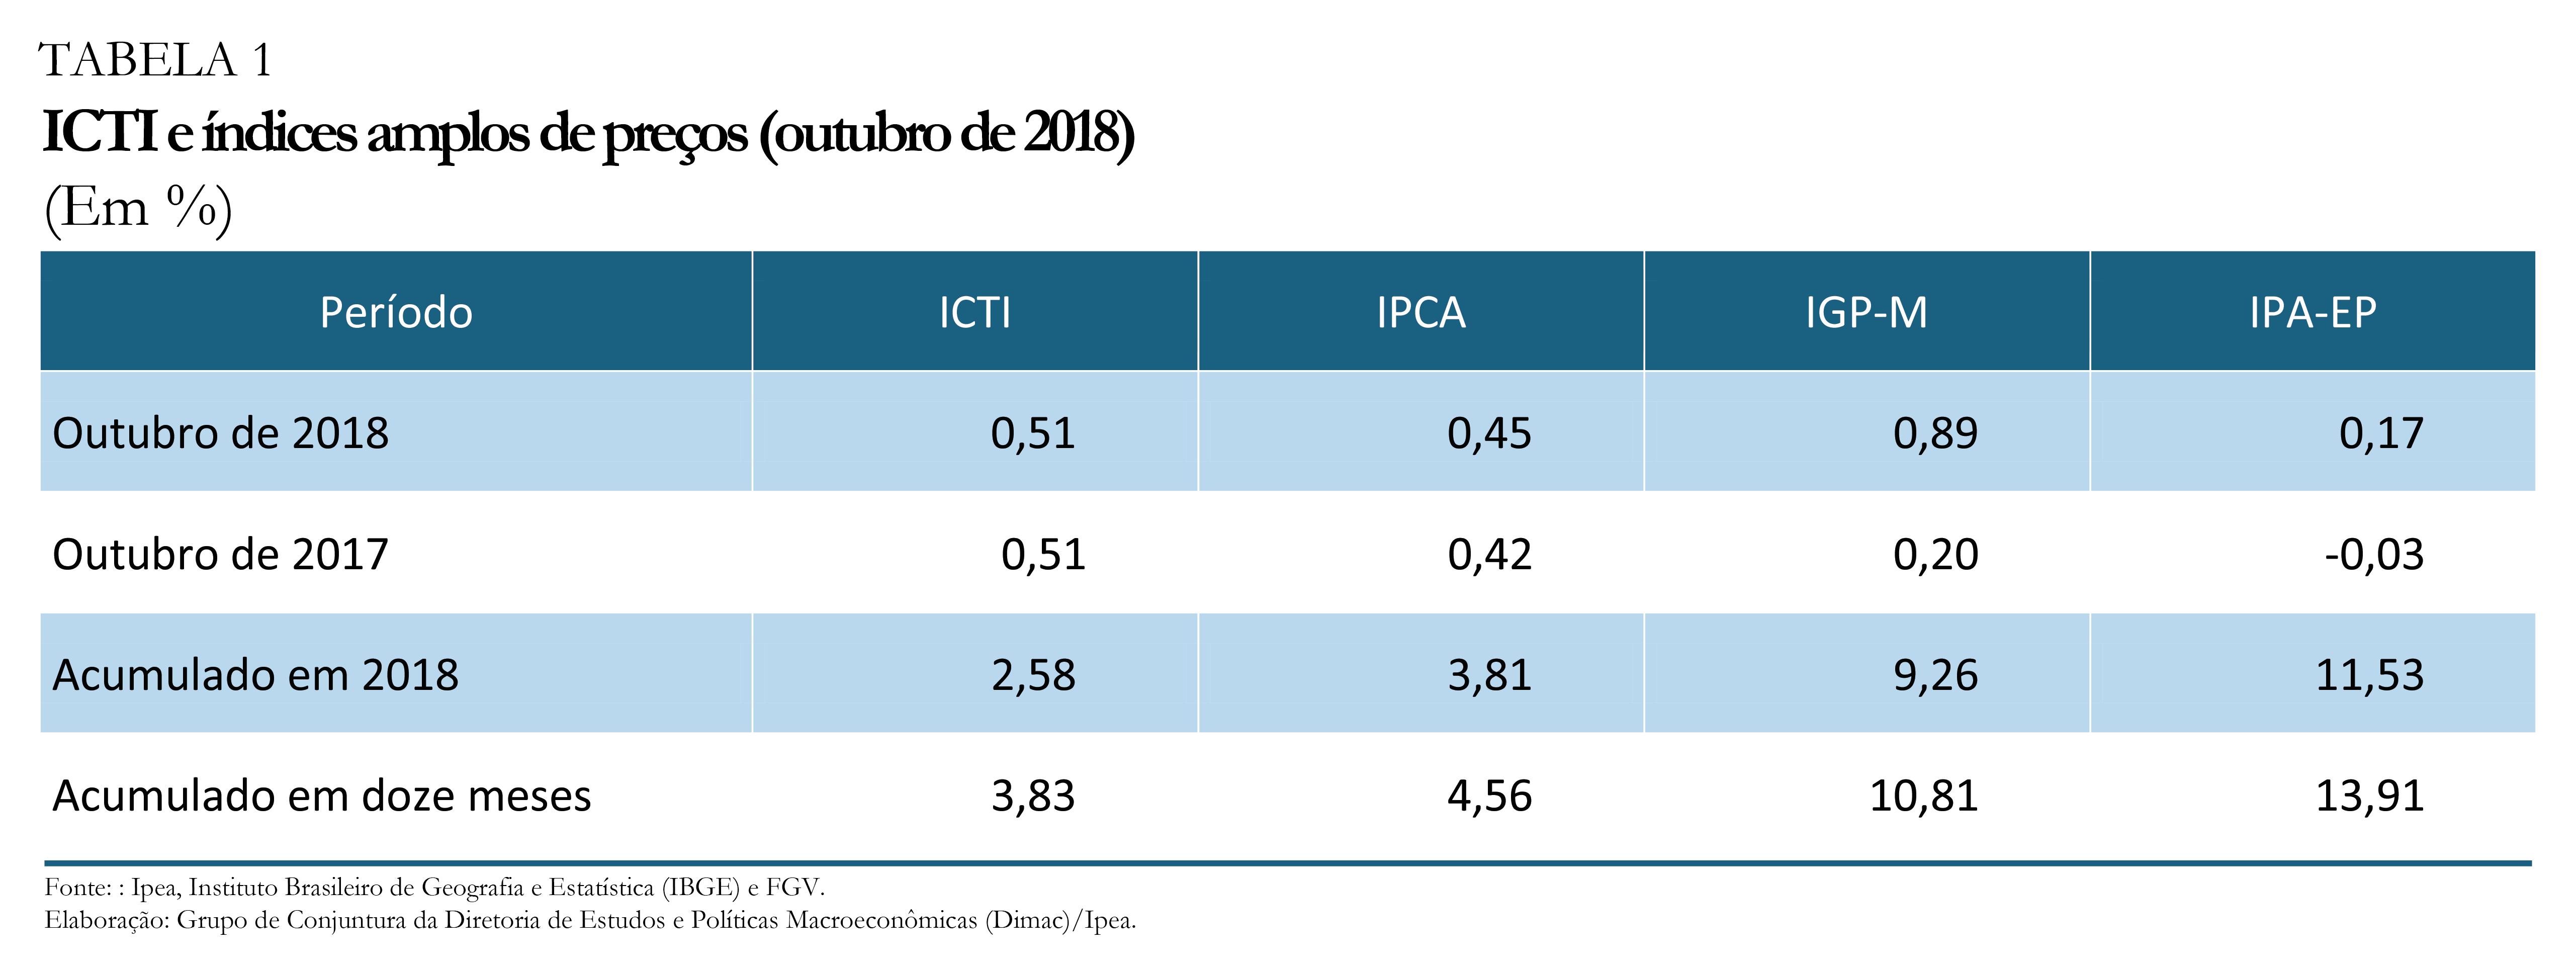 ICTI e índices amplos de preços – outubro de 2018